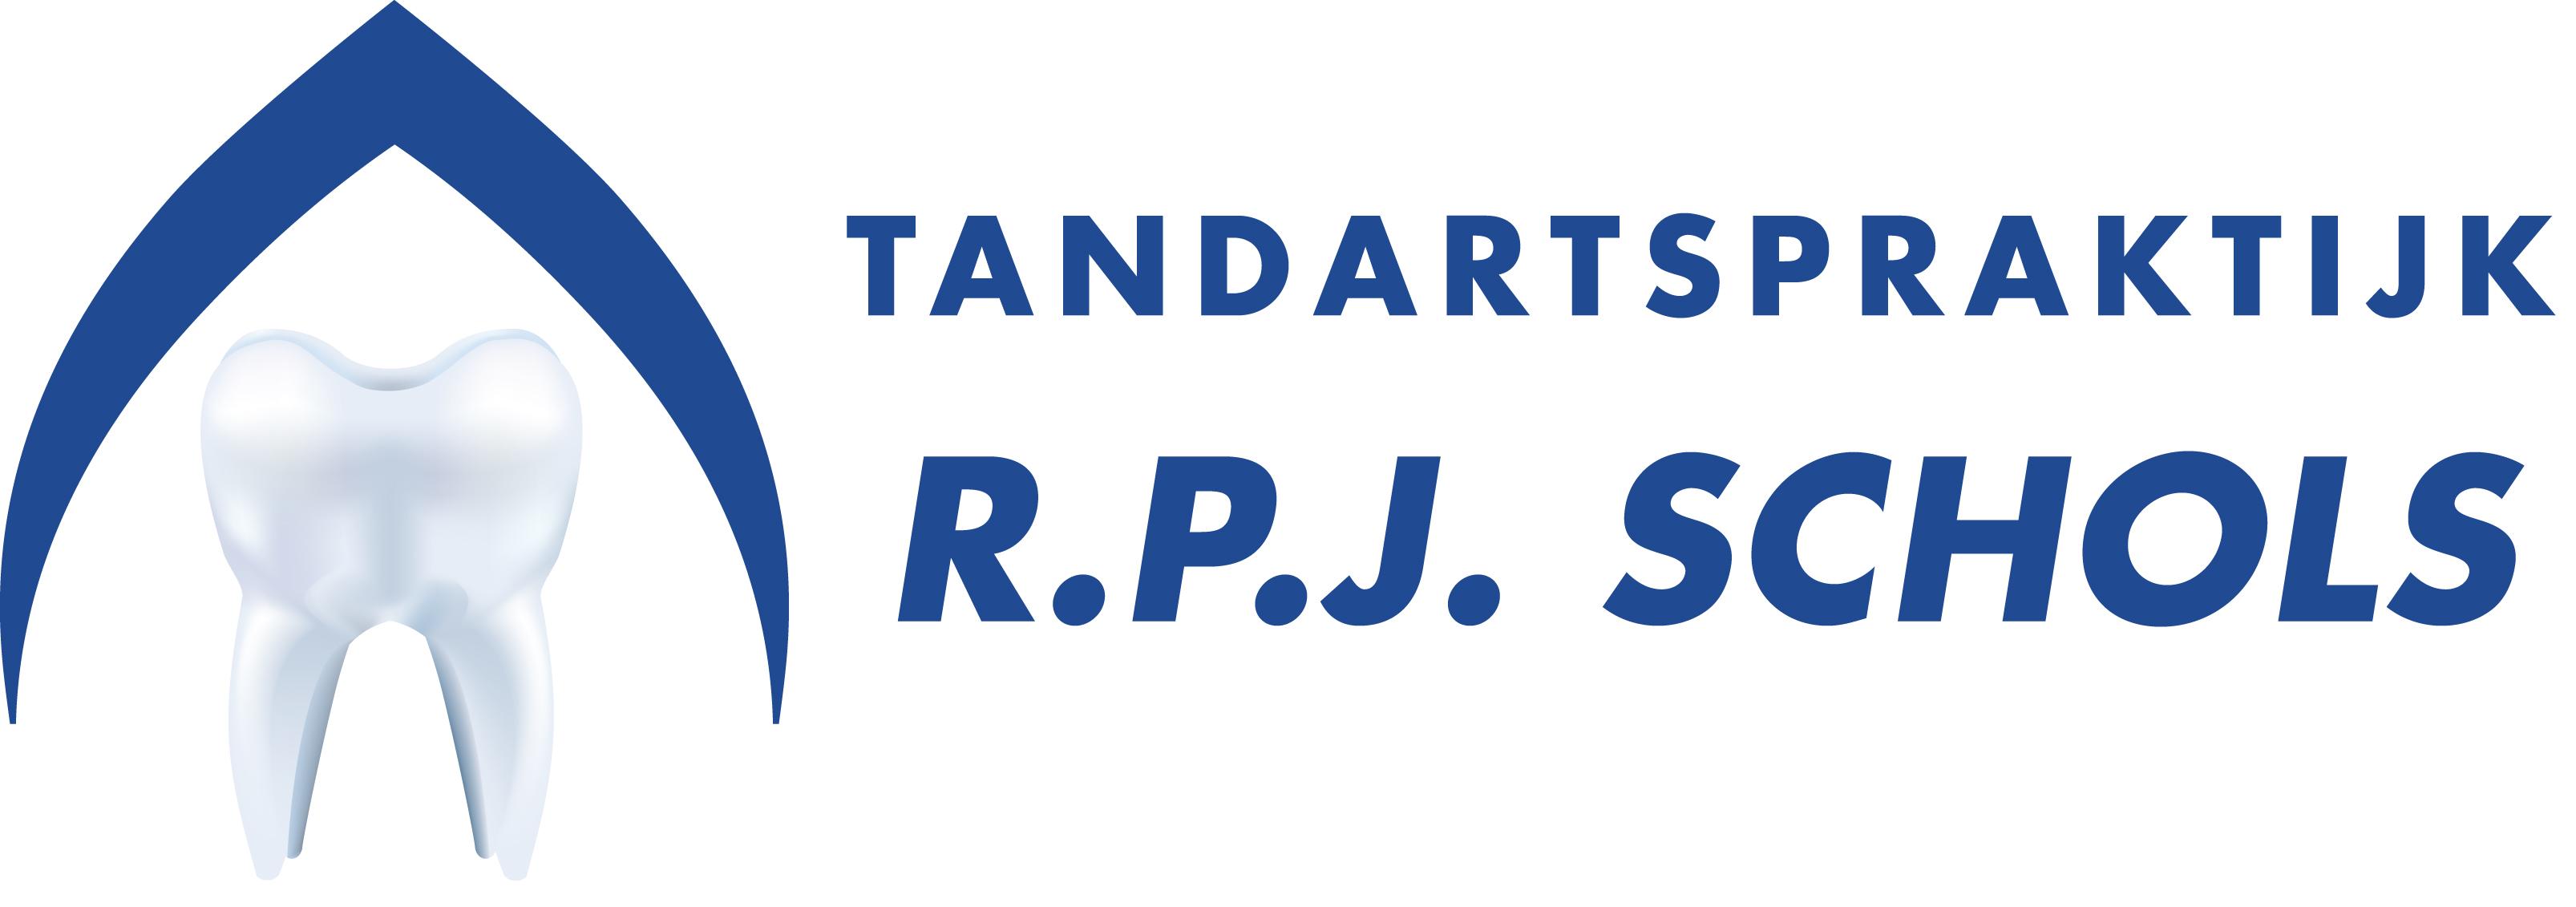 Tandartspraktijk R.P.J. Schols